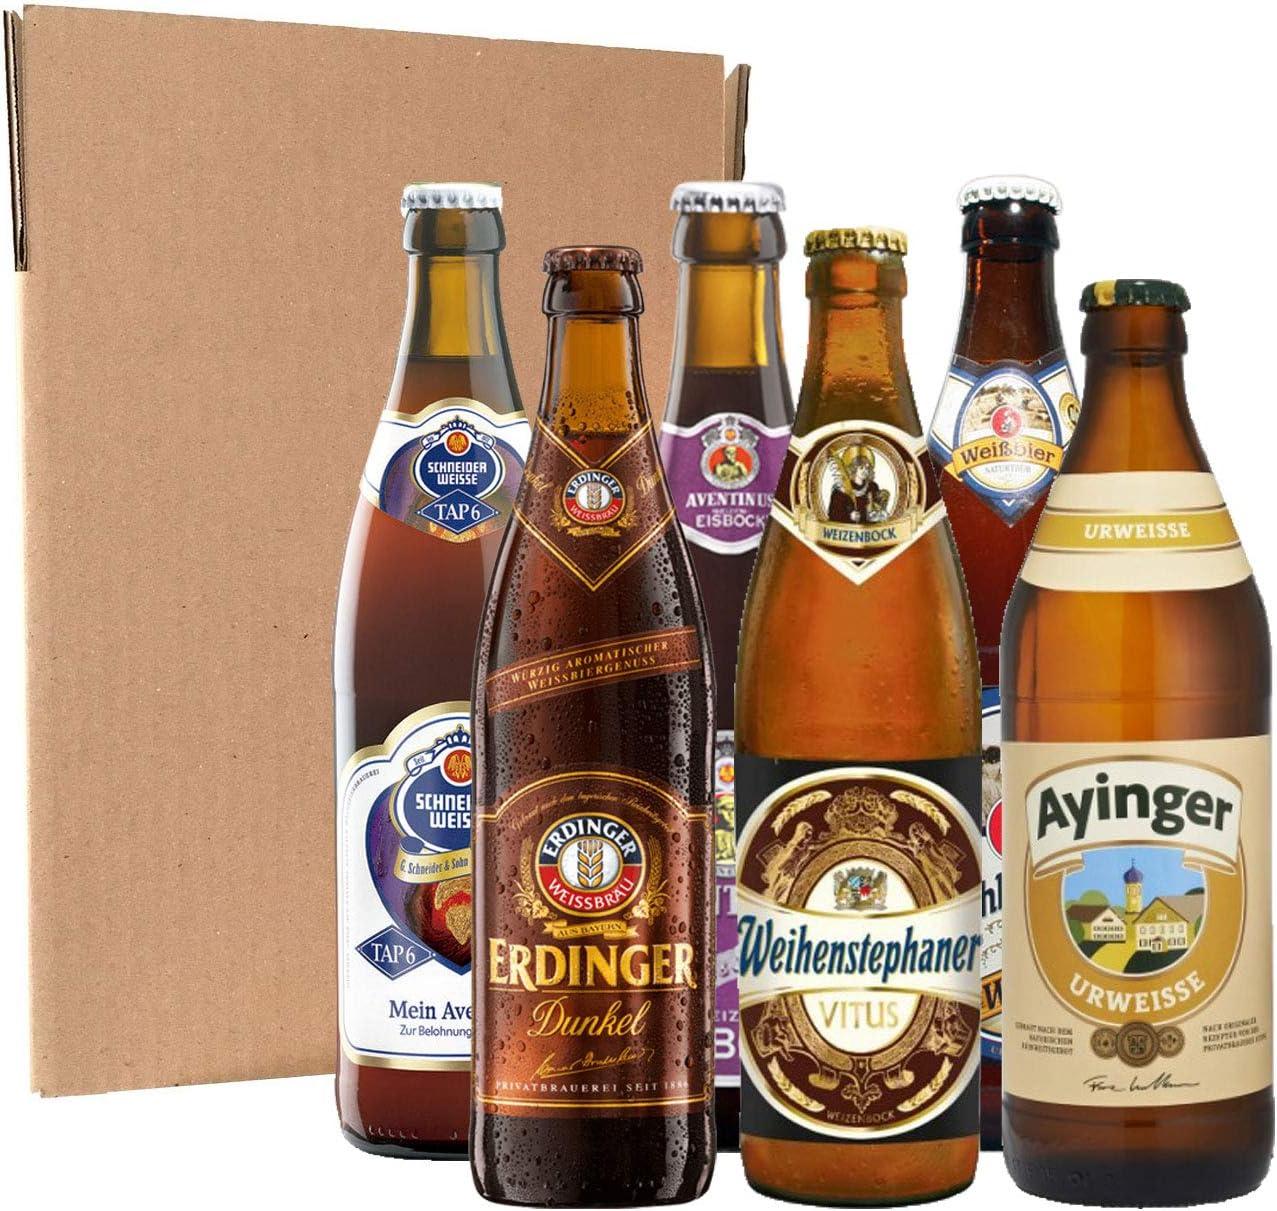 Pack degustación de cervezas alemanas (6 botellines de 50 cl): Amazon.es: Alimentación y bebidas